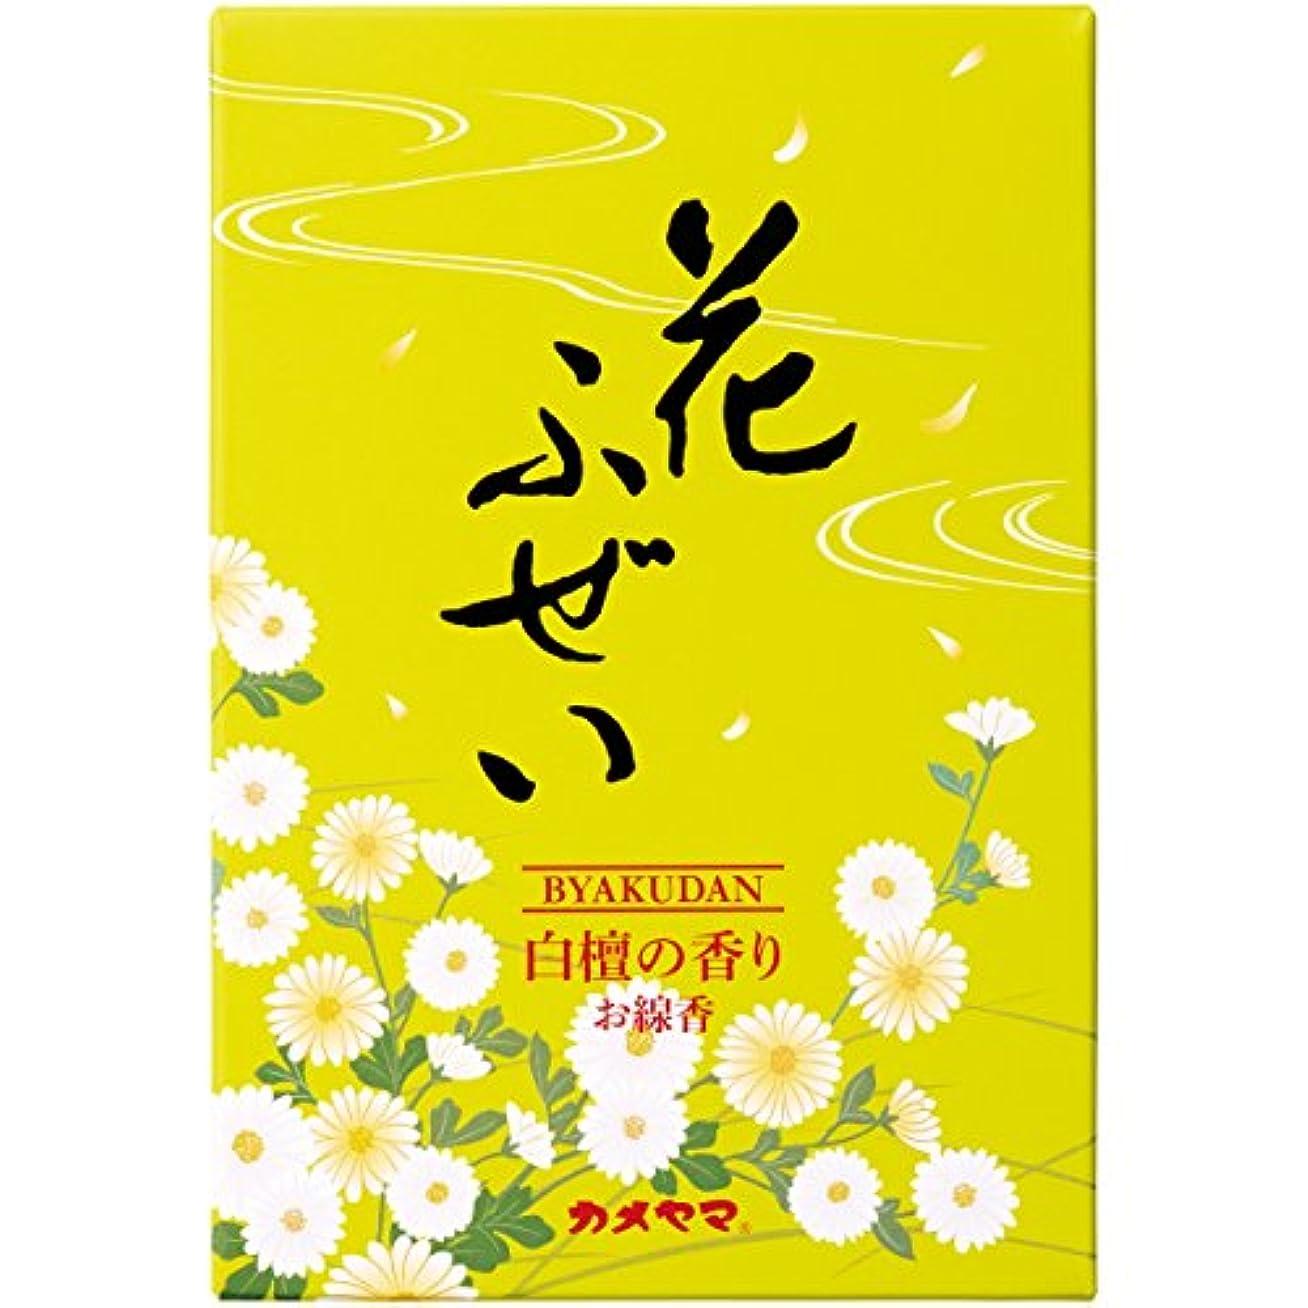 また倉庫物理カメヤマ 花ふぜい(黄)白檀 徳用大型